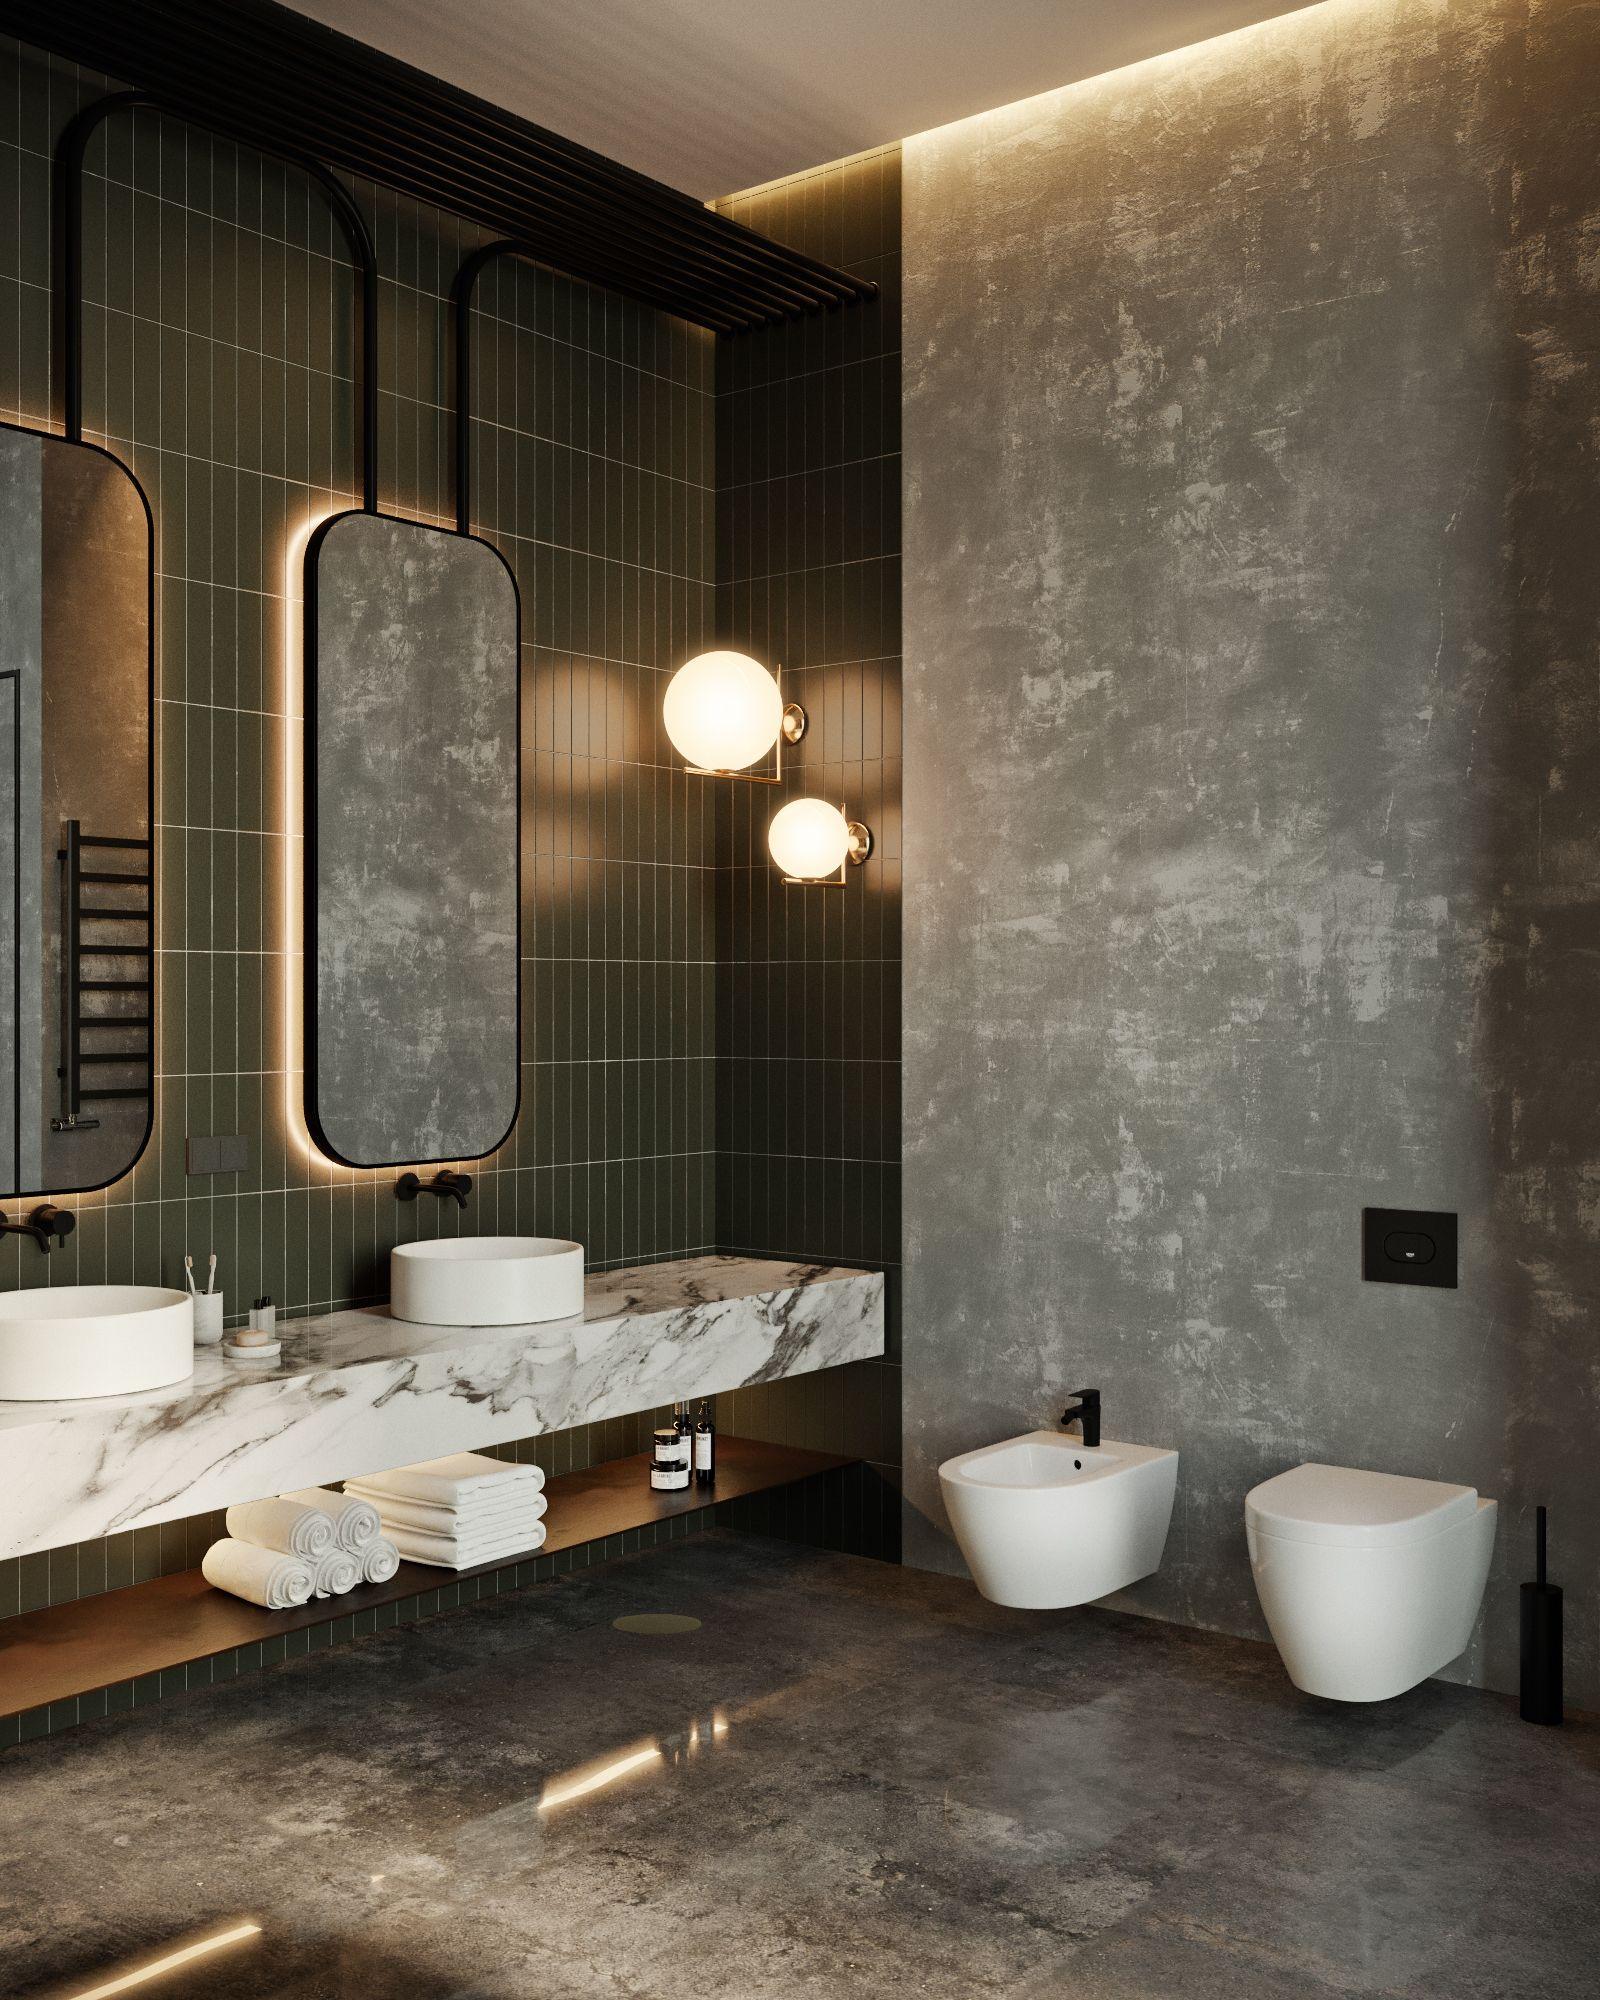 نمونه هایی از زیباترین و مدرن ترین سرویس بهداشتی لوکس و نحوه طراحی آن17